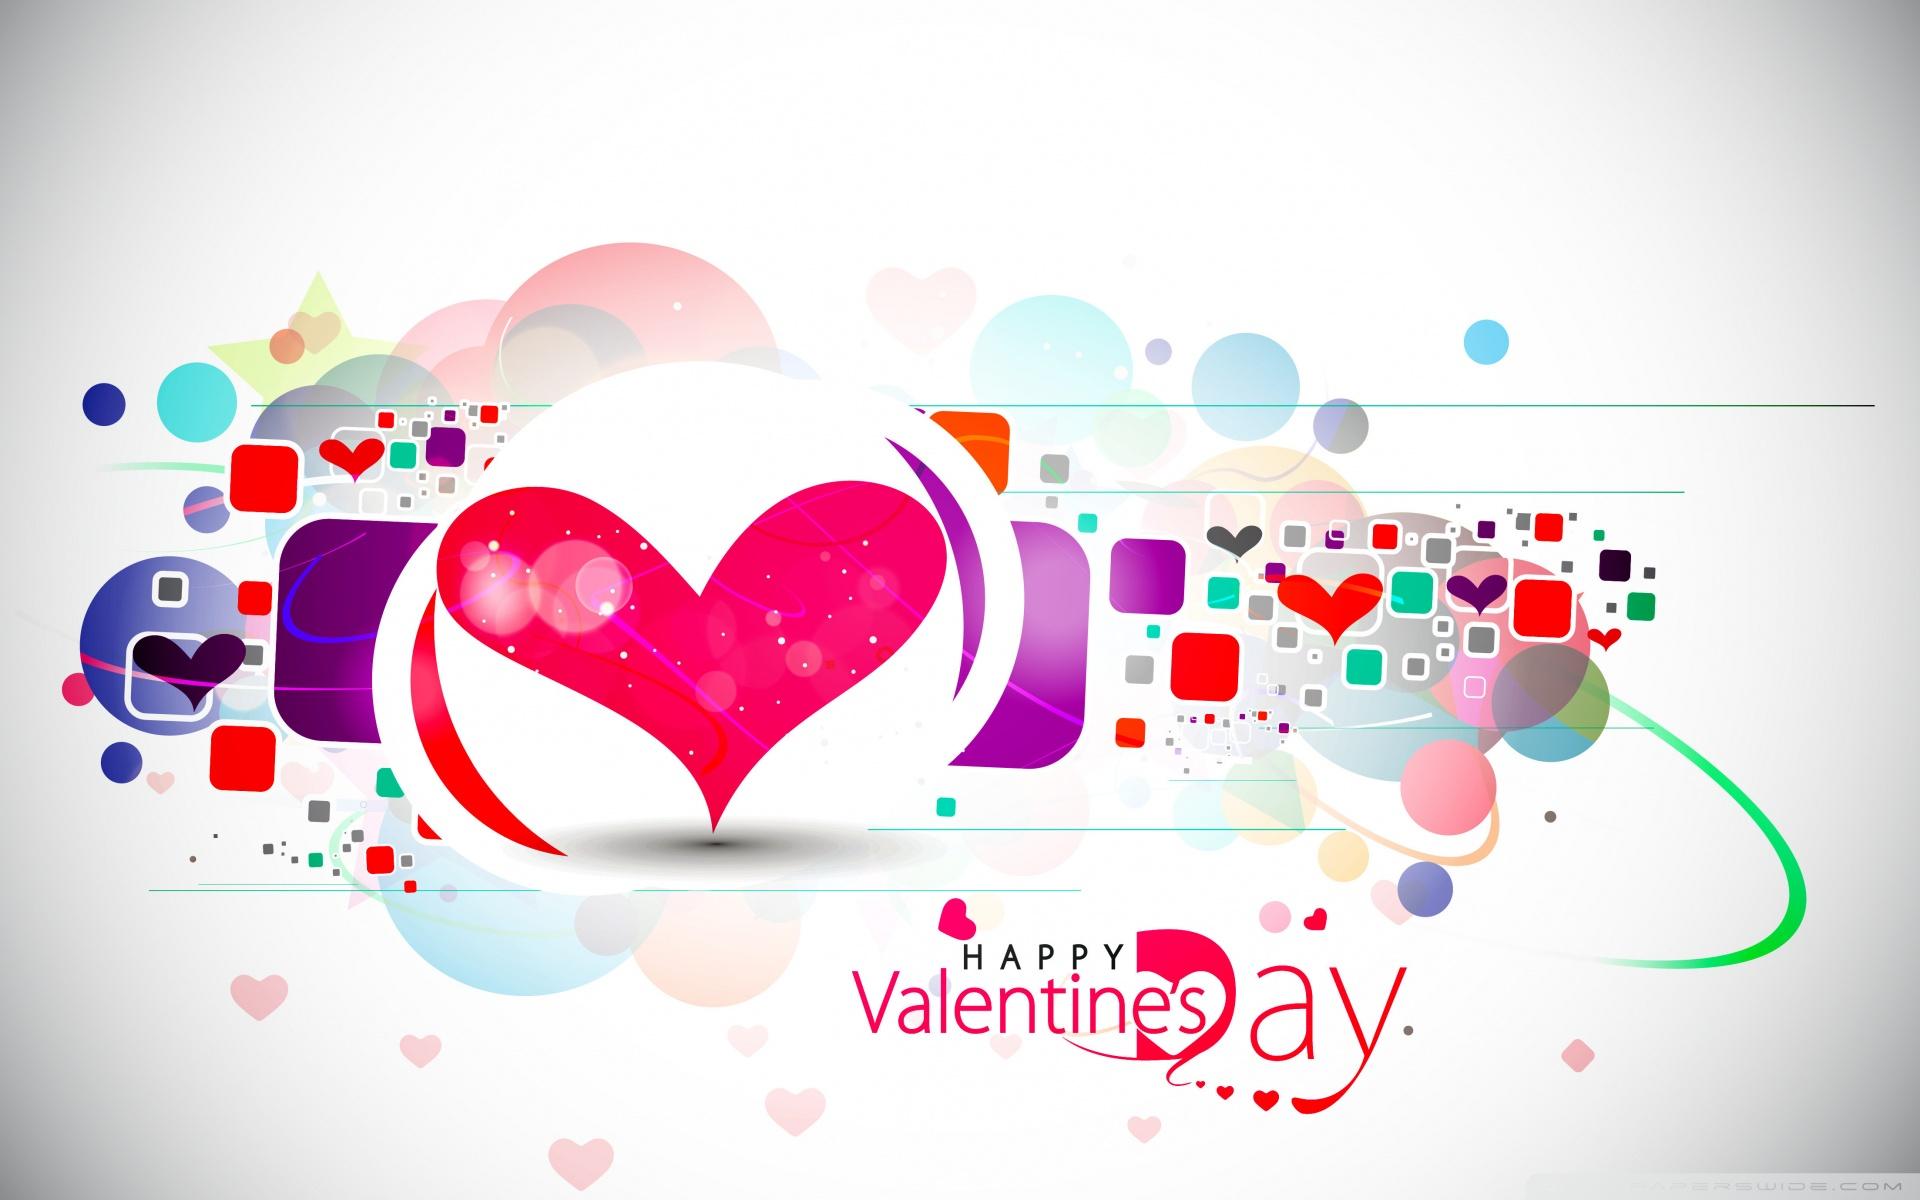 Valentines Day 2018 Image for Girlfriend & Boyfriend